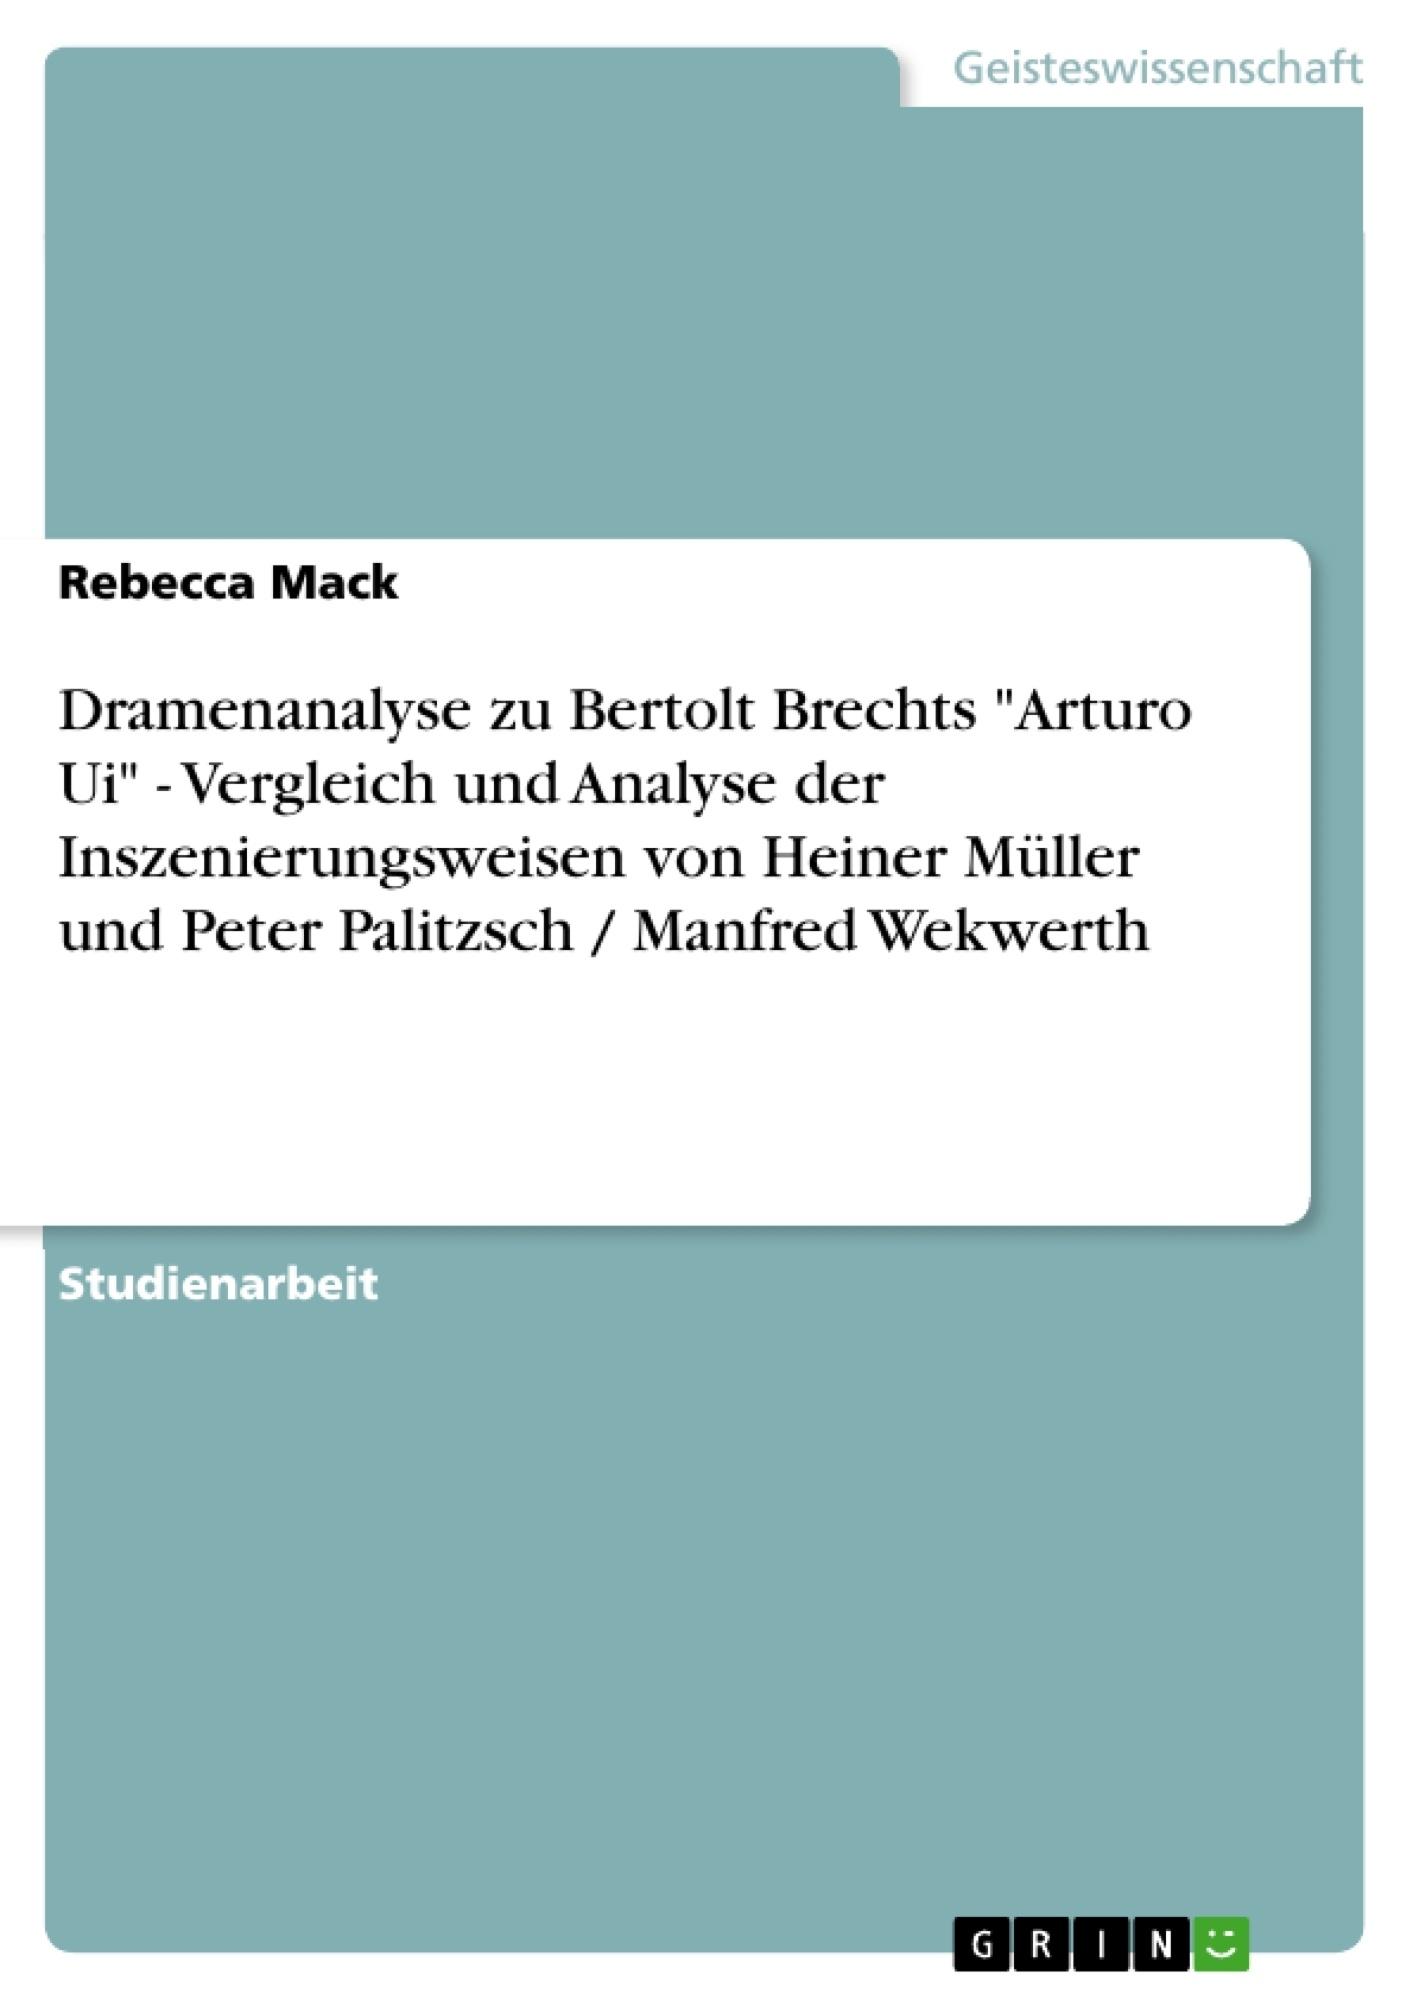 """Titel: Dramenanalyse zu Bertolt Brechts """"Arturo Ui"""" - Vergleich und Analyse  der Inszenierungsweisen  von  Heiner Müller und Peter Palitzsch / Manfred Wekwerth"""